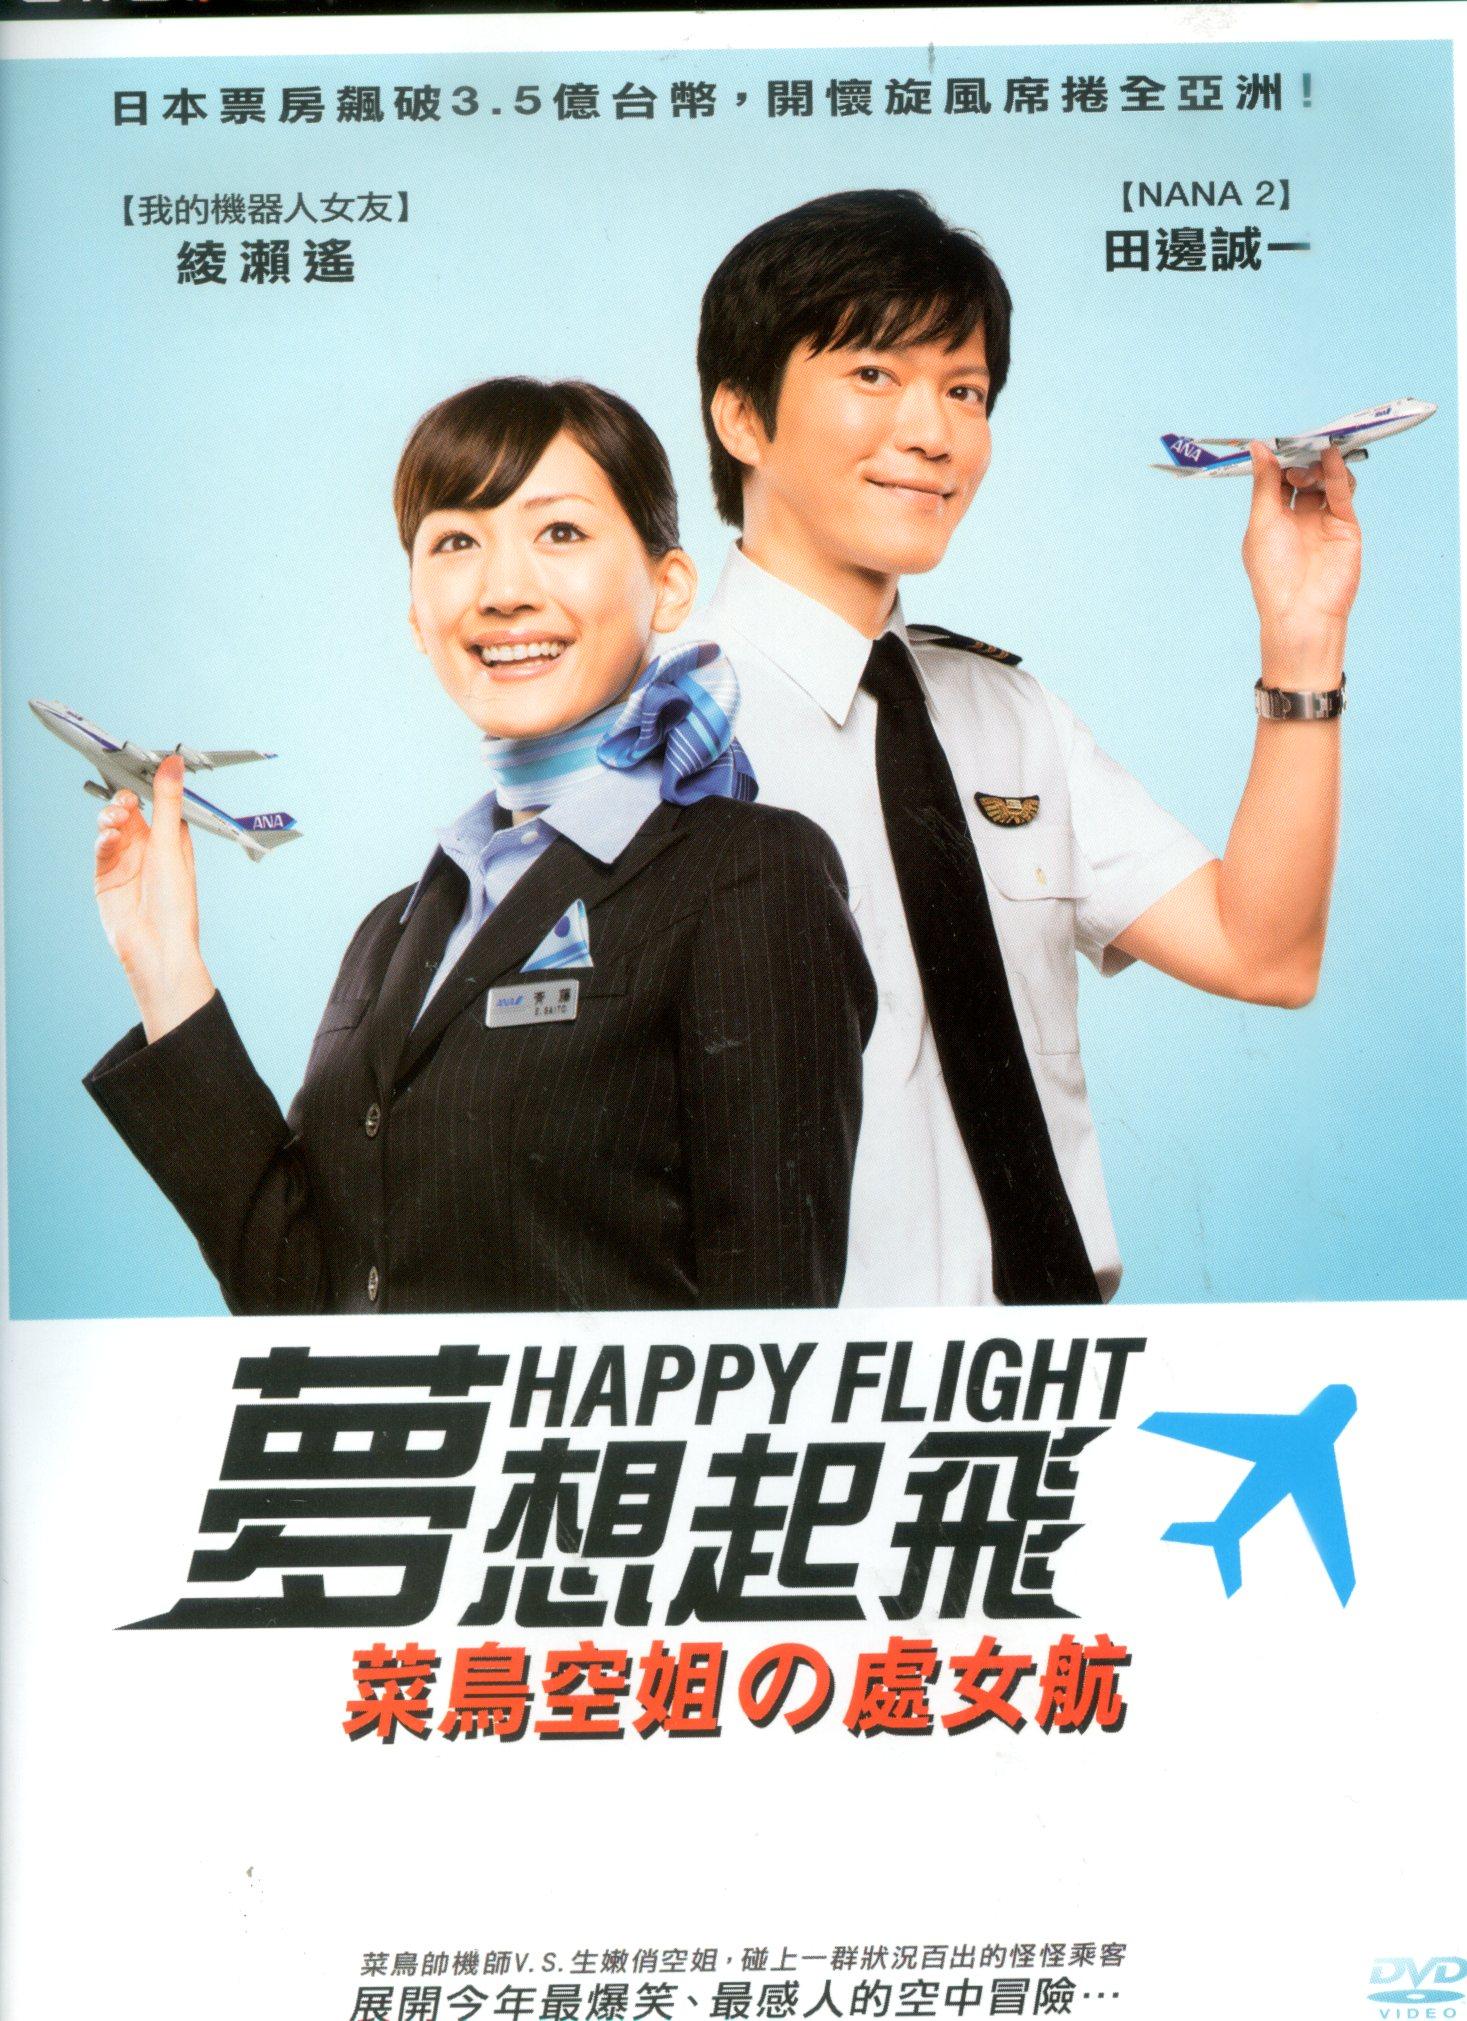 夢想起飛 菜鳥空姐の處女航 = Happy Flight /